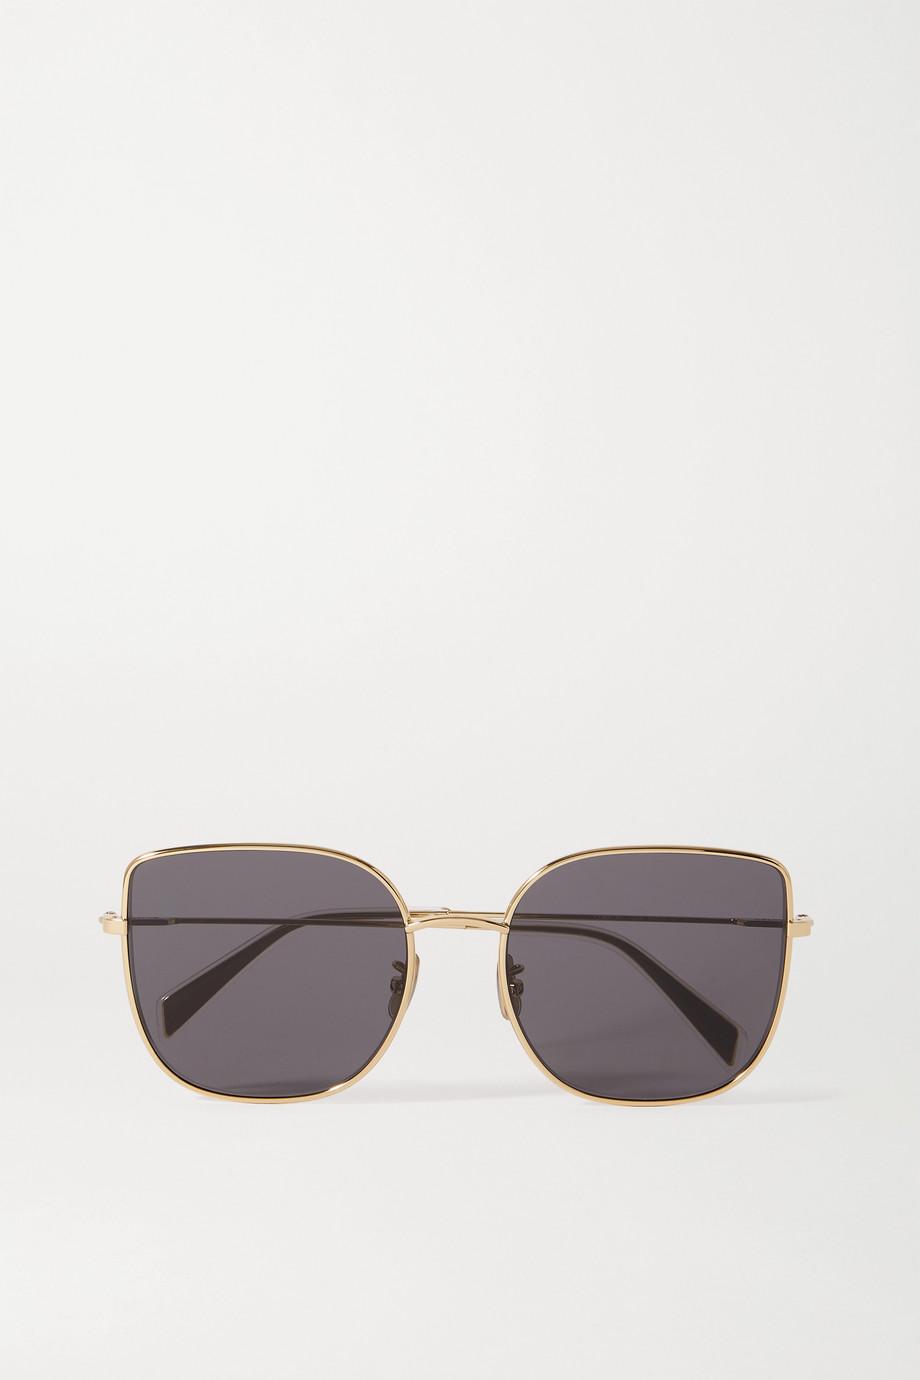 CELINE Eyewear Lunettes de soleil carrées oversize en métal doré